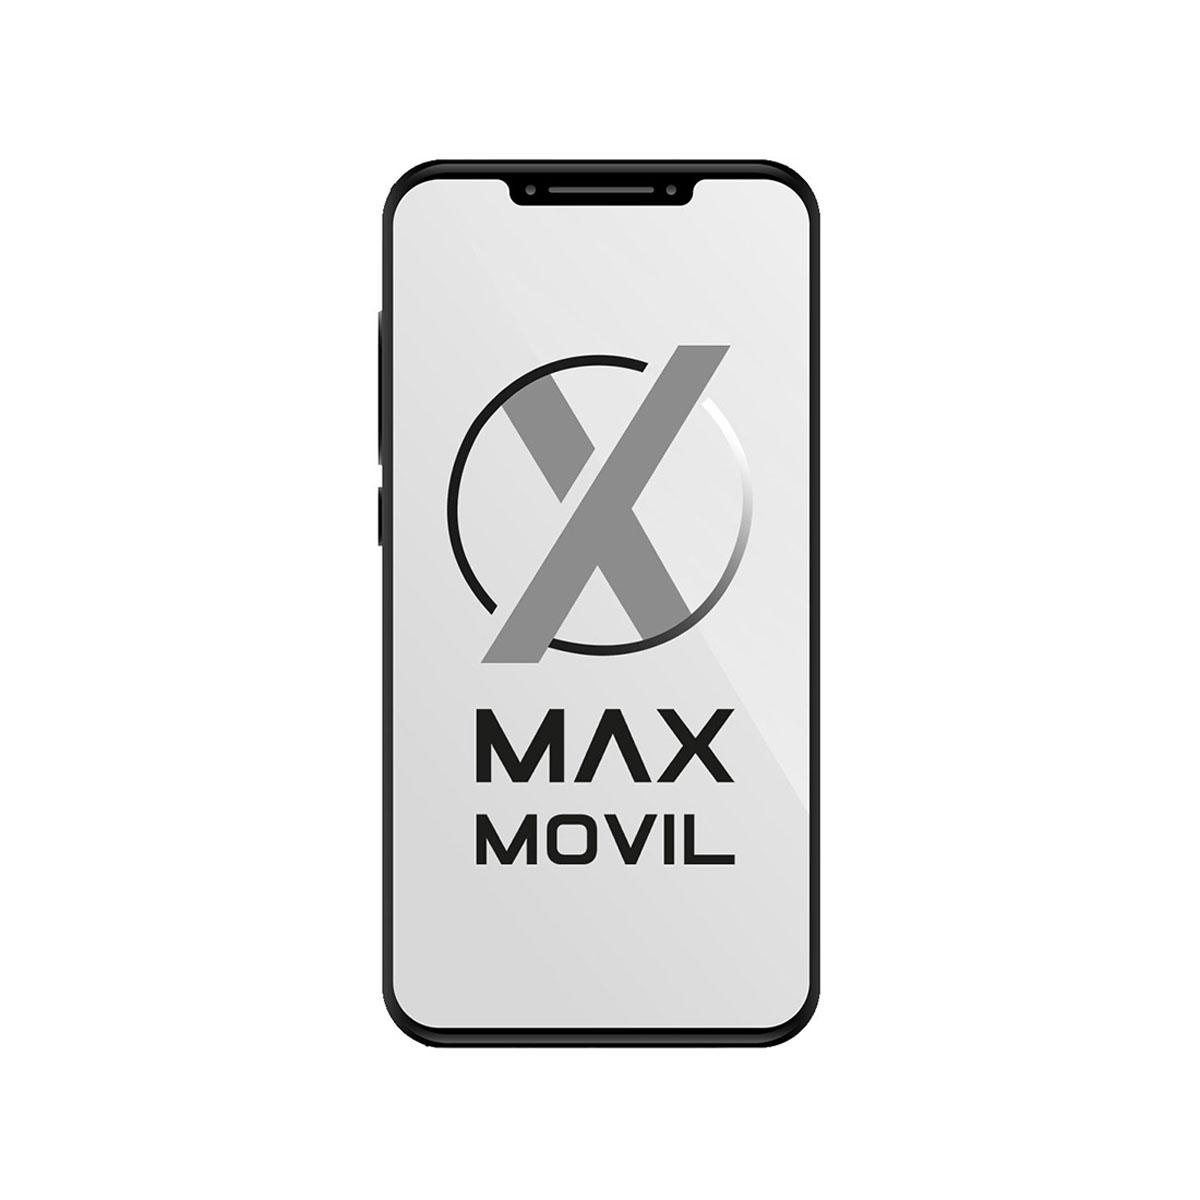 Protector de pantalla iPhone XR cirstal templado 5D marco negro